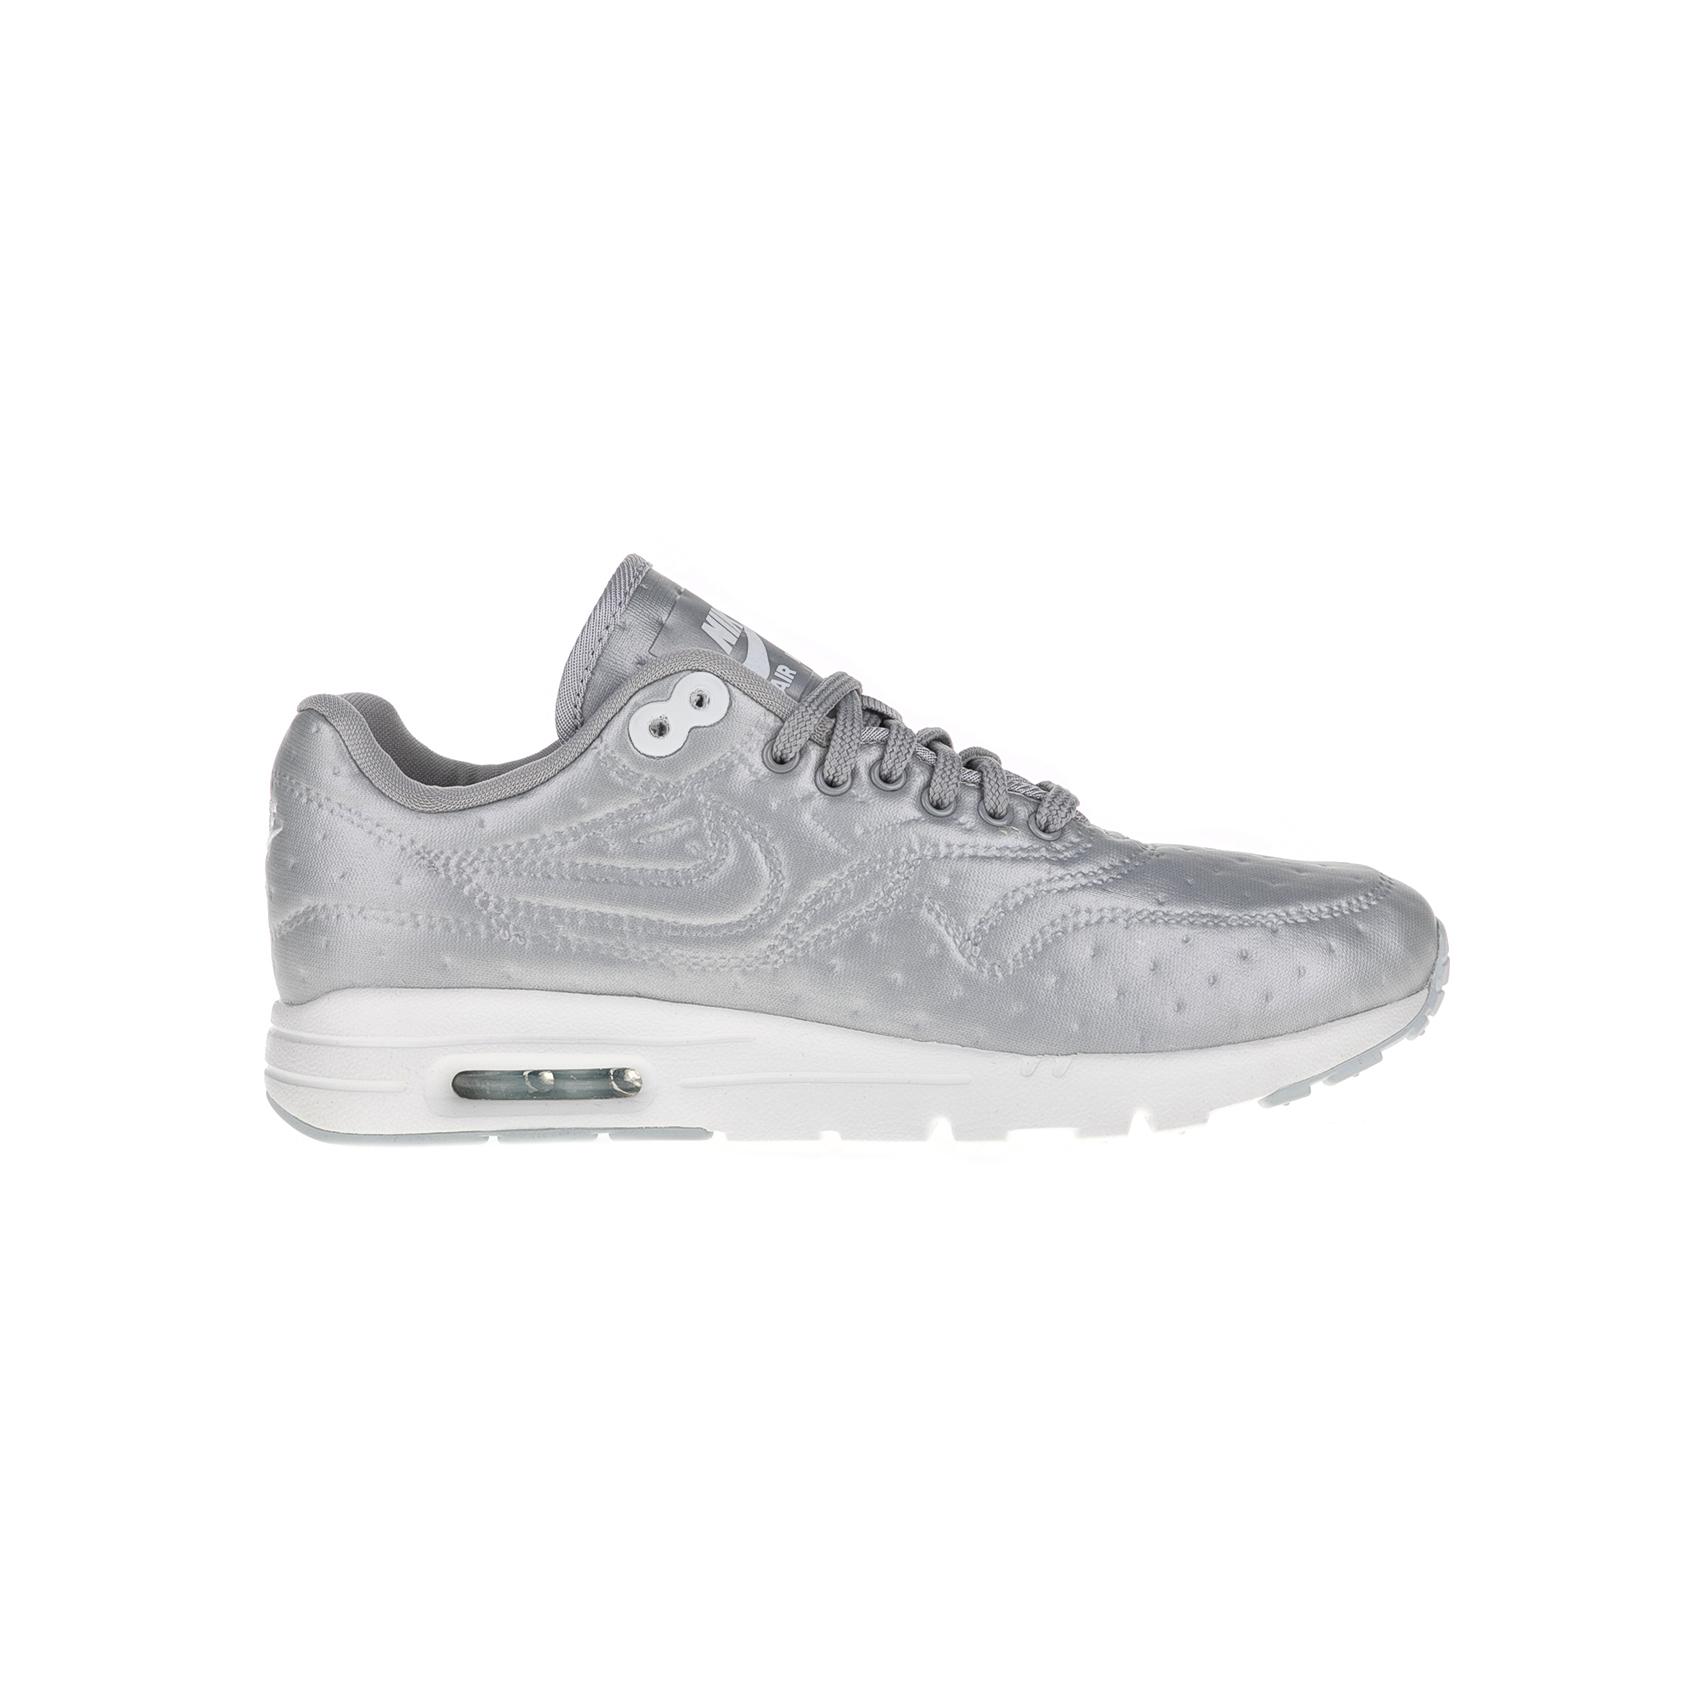 NIKE – Γυναικεία αθλητικά παπούτσια Nike AIR MAX 1 ULTRA PRM JCRD ασημί